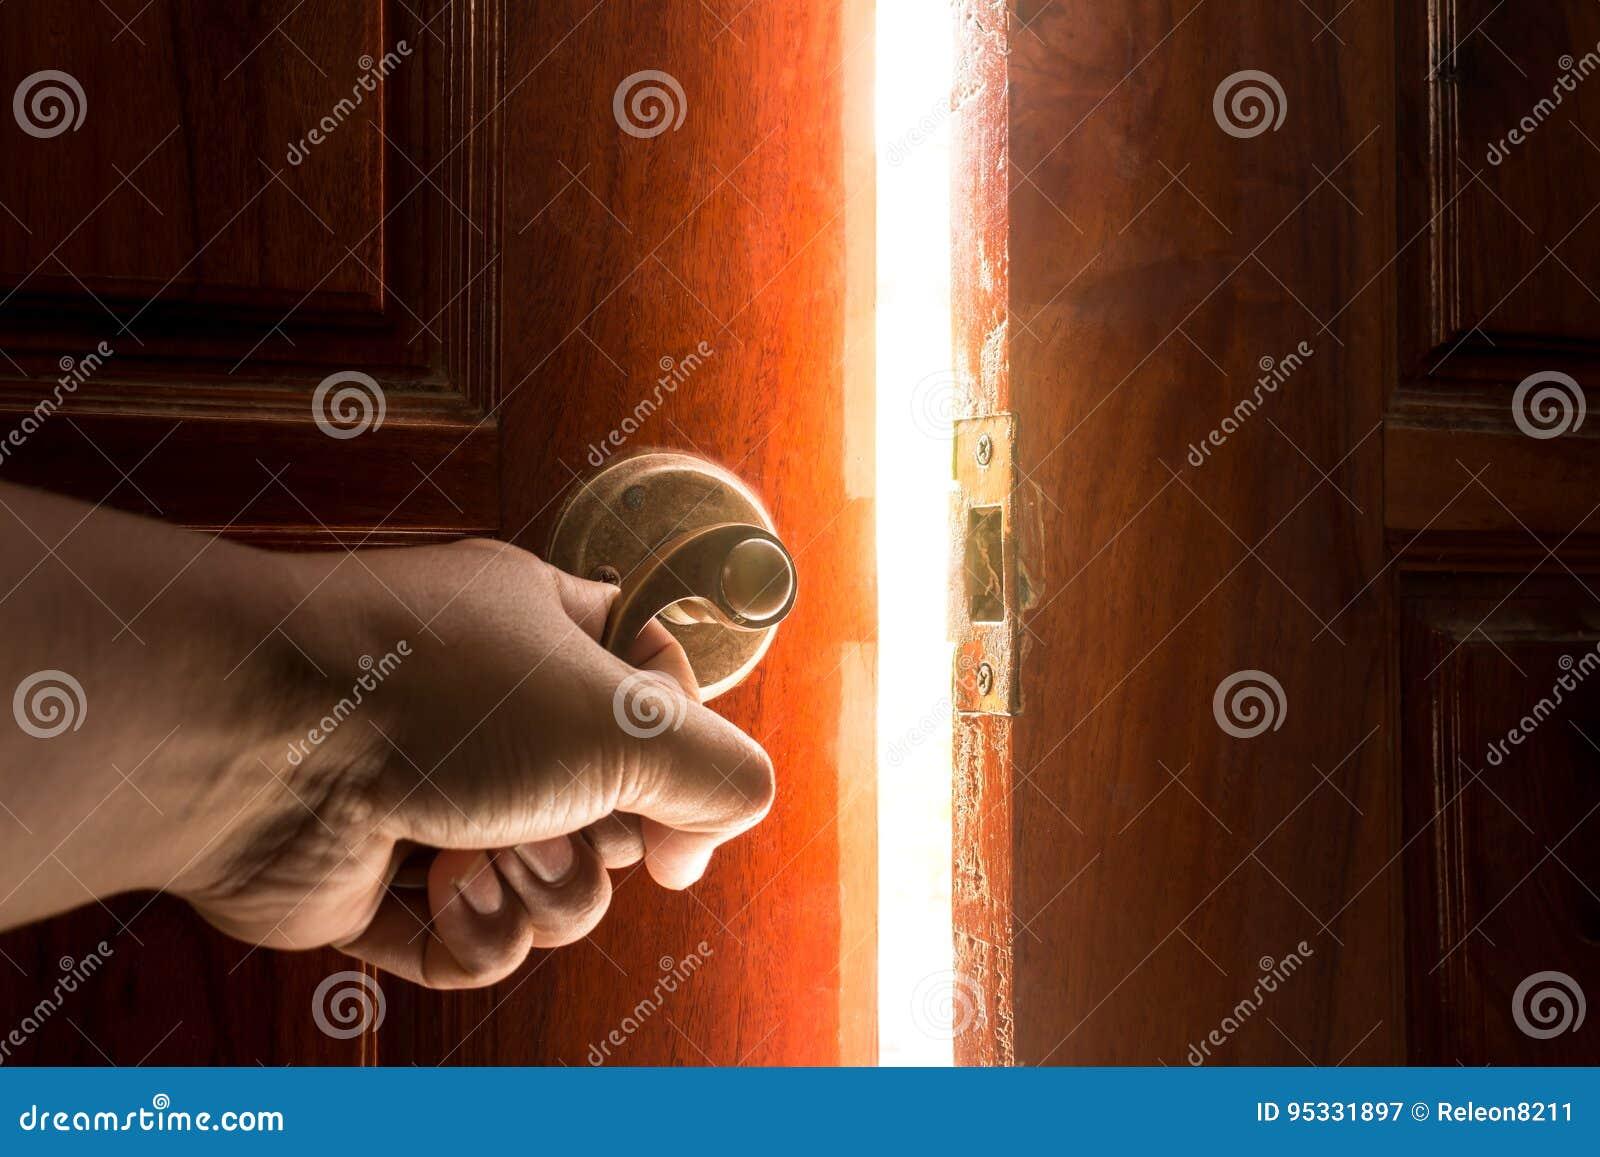 Licht der offenen Tür